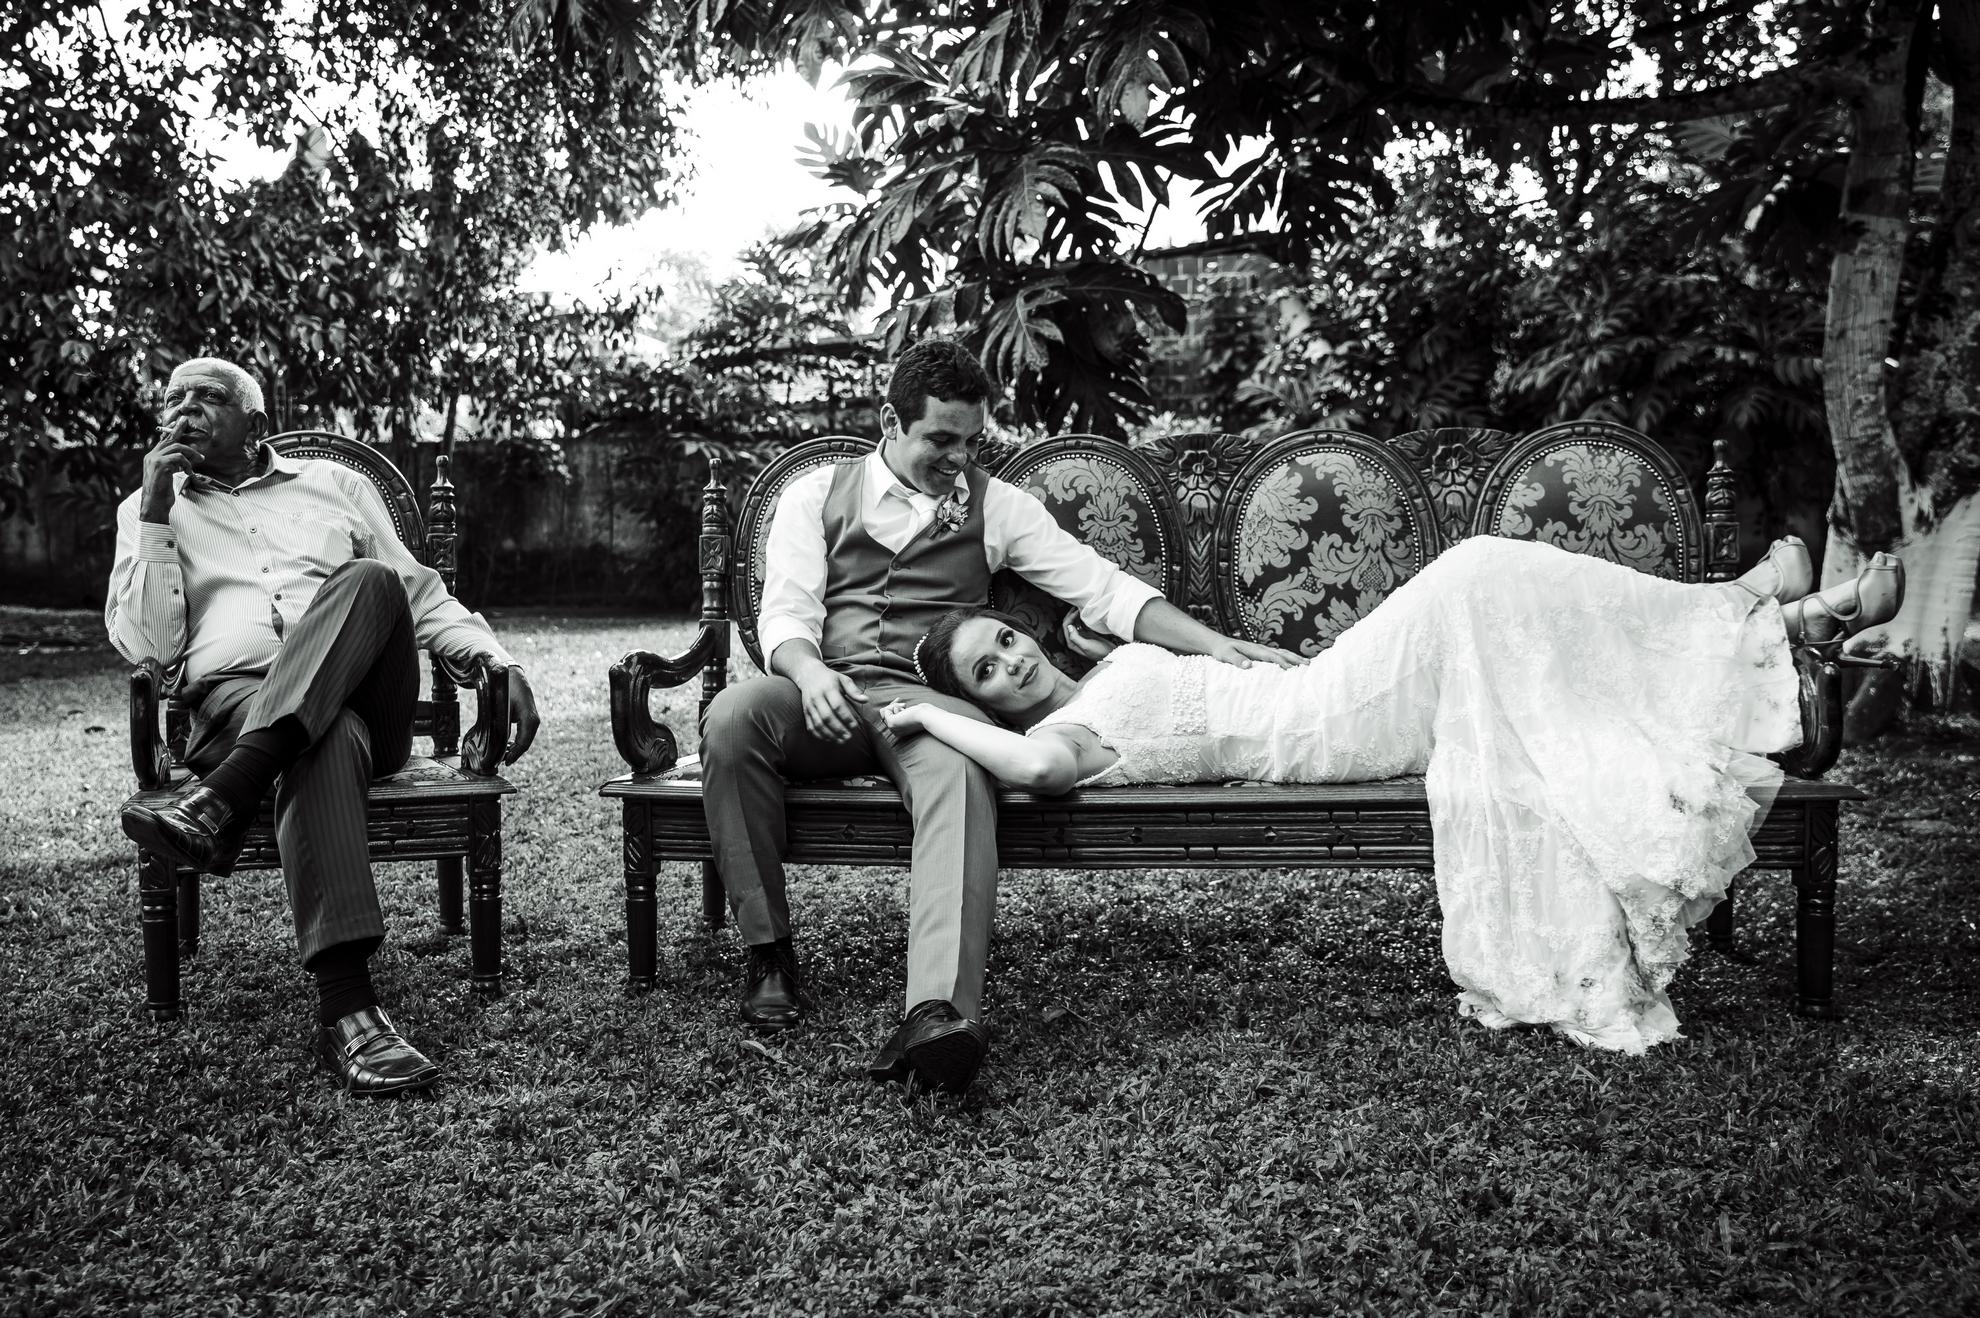 Contate Mariana Abreu - Fotógrafa de Casamentos, Recife/PE